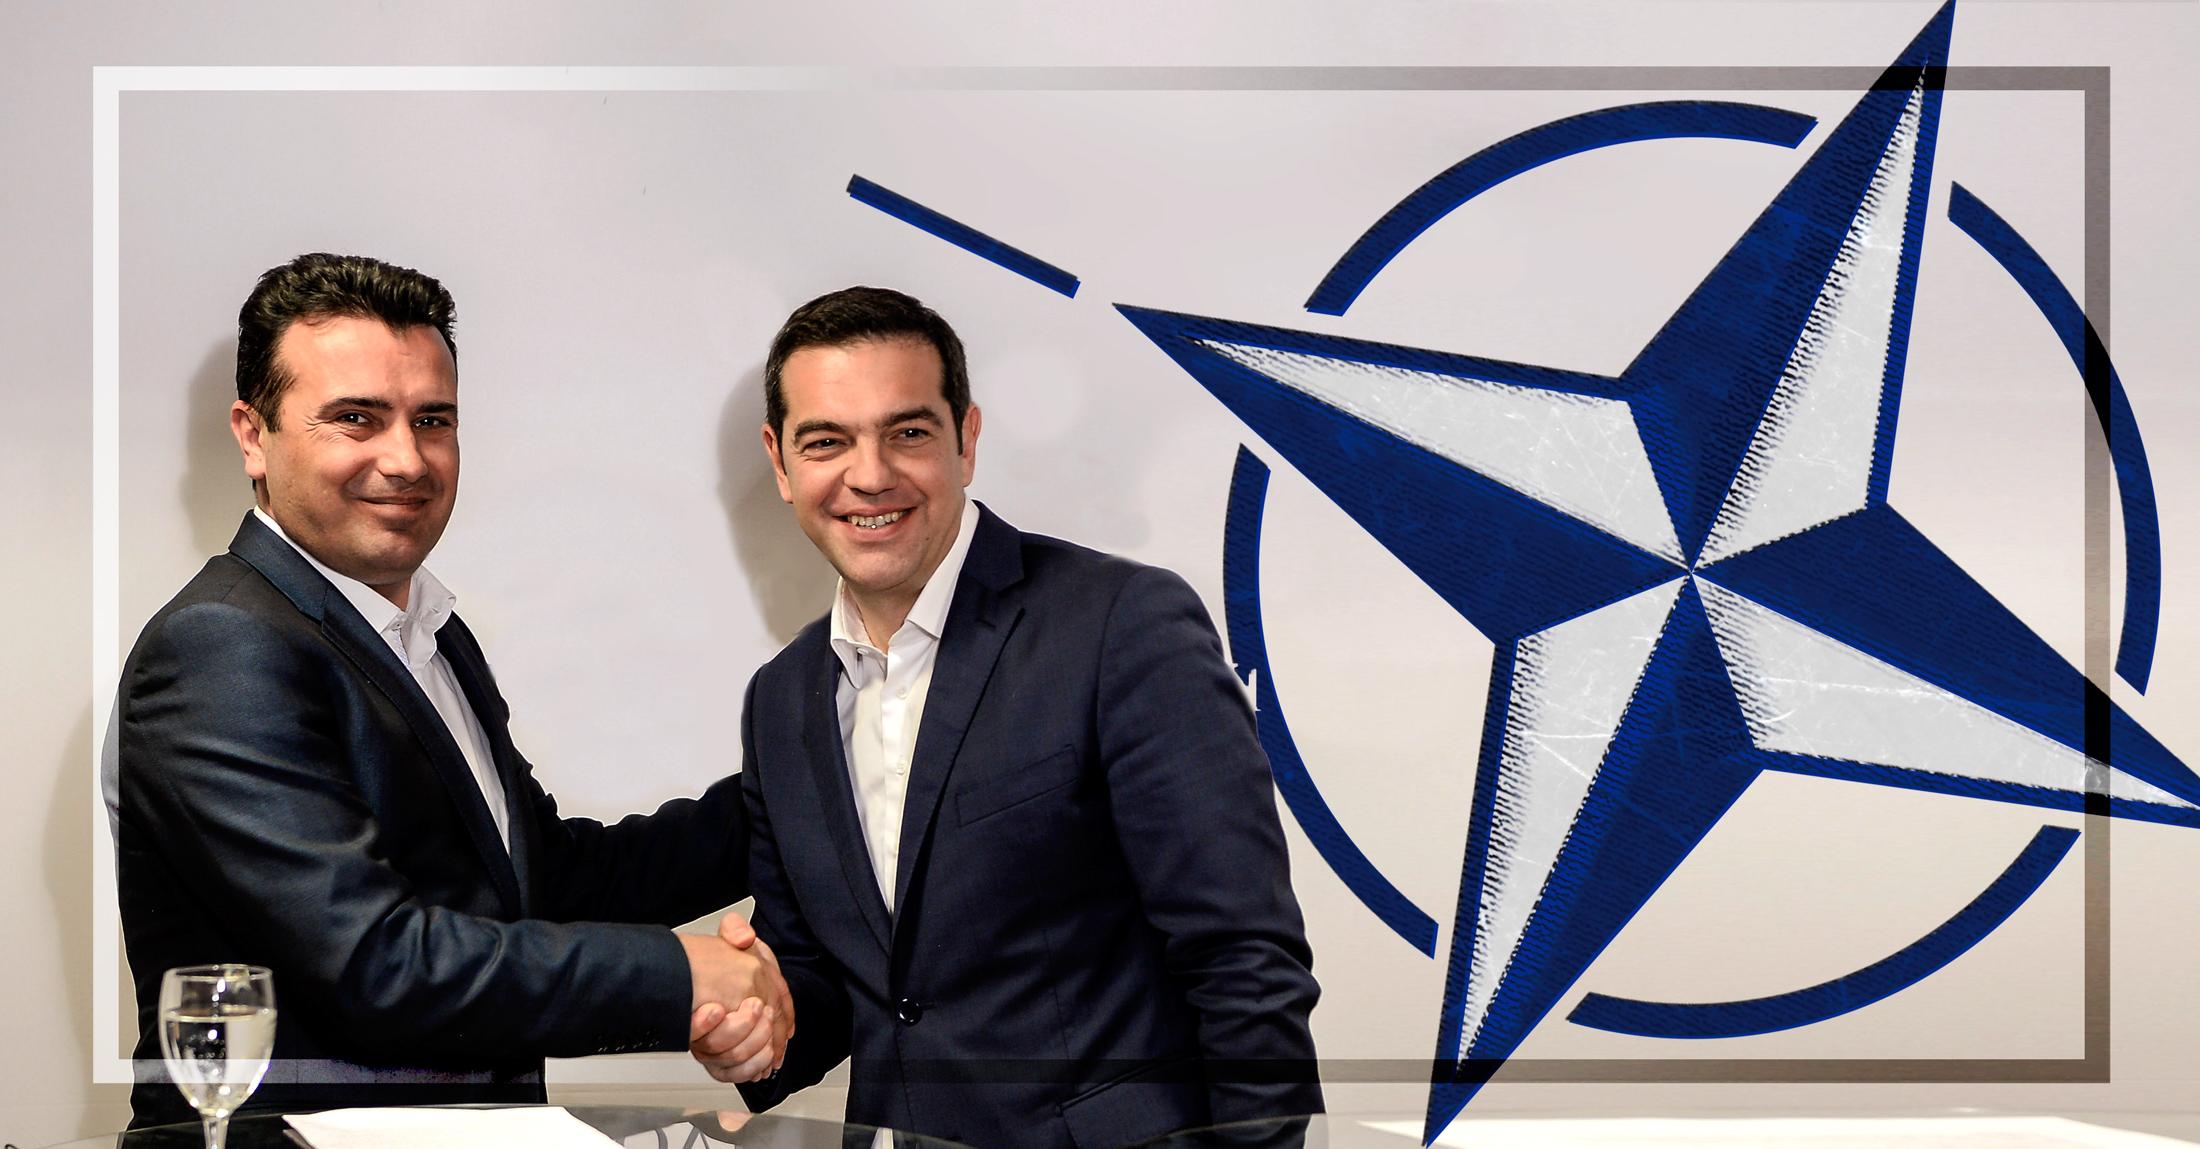 Bildergebnis für Das Ende des griechisch-mazedonischen Namensstreits ist nahe – Sagt Hallo zu NATO-Mitglied Nummer 30!